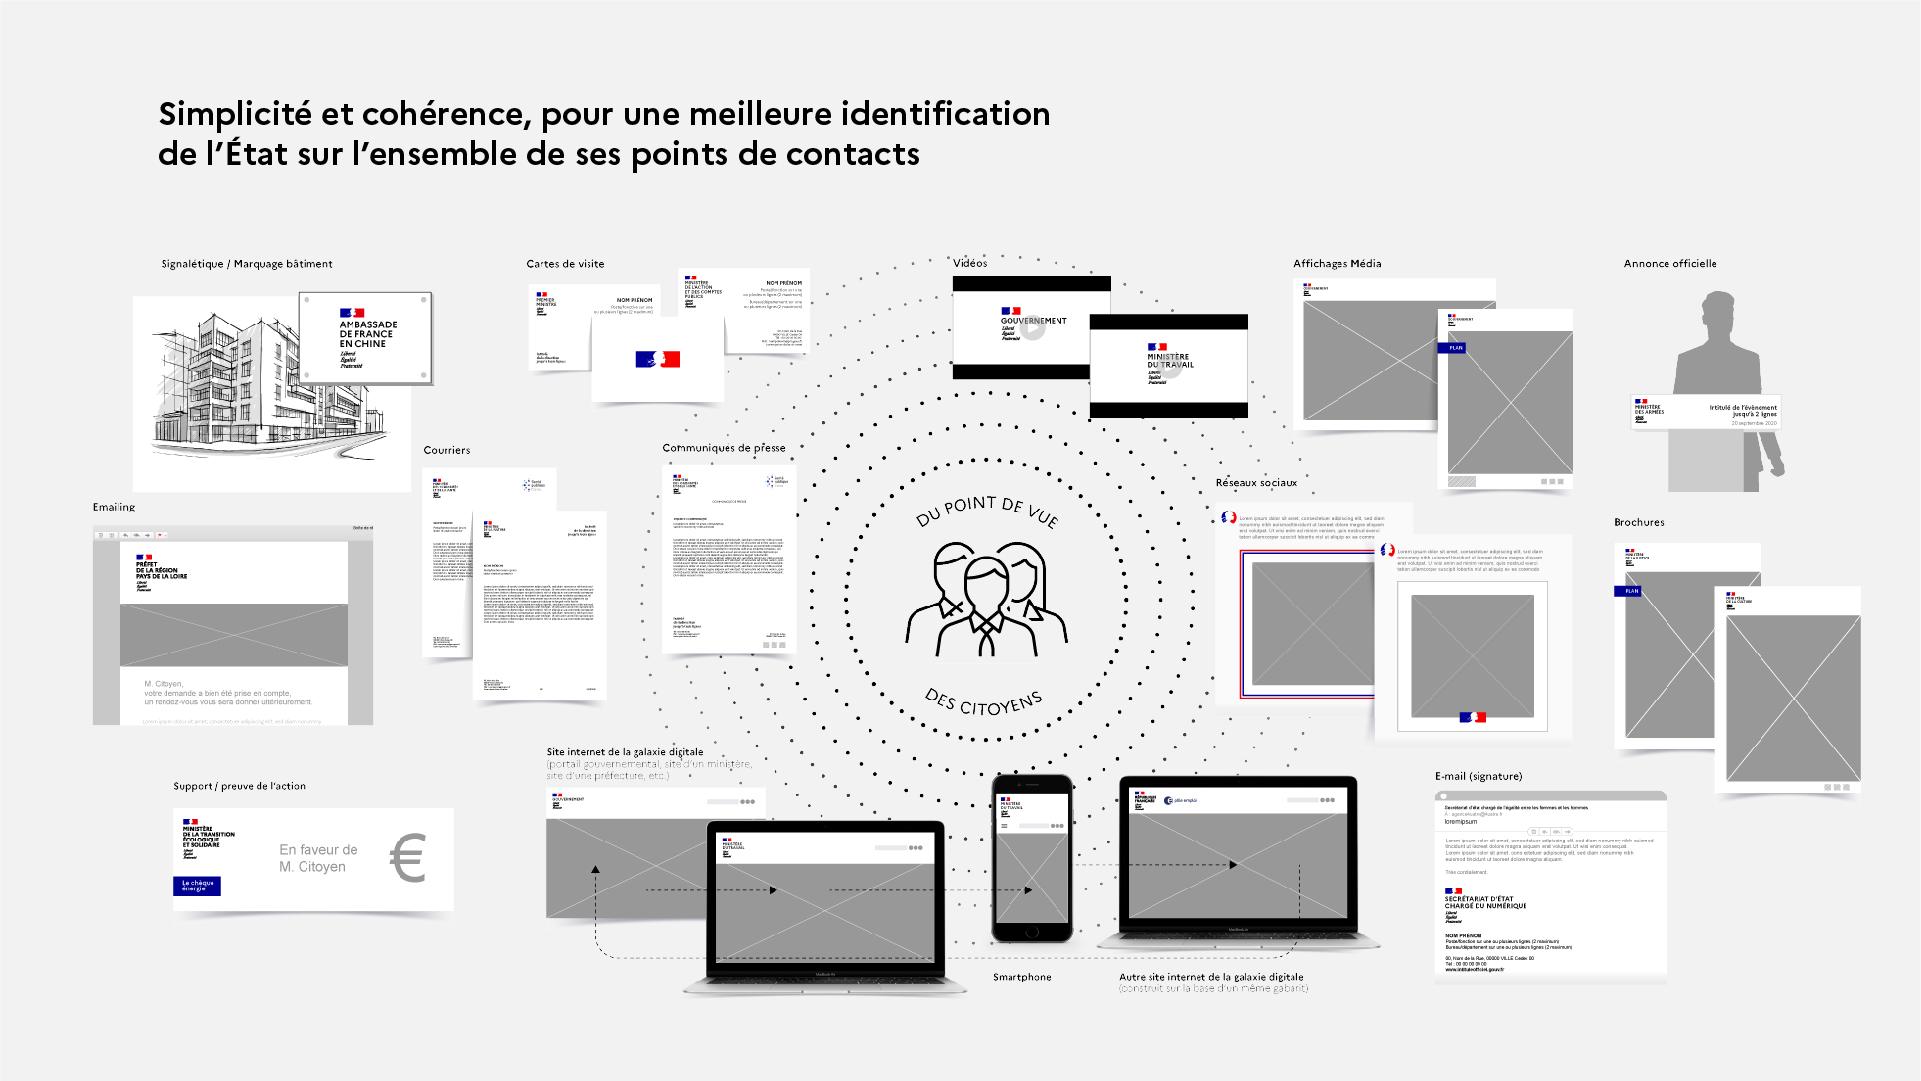 Simplicité et cohérence pour une meilleure identification de l'État sur l'ensemble de ses points de contacts